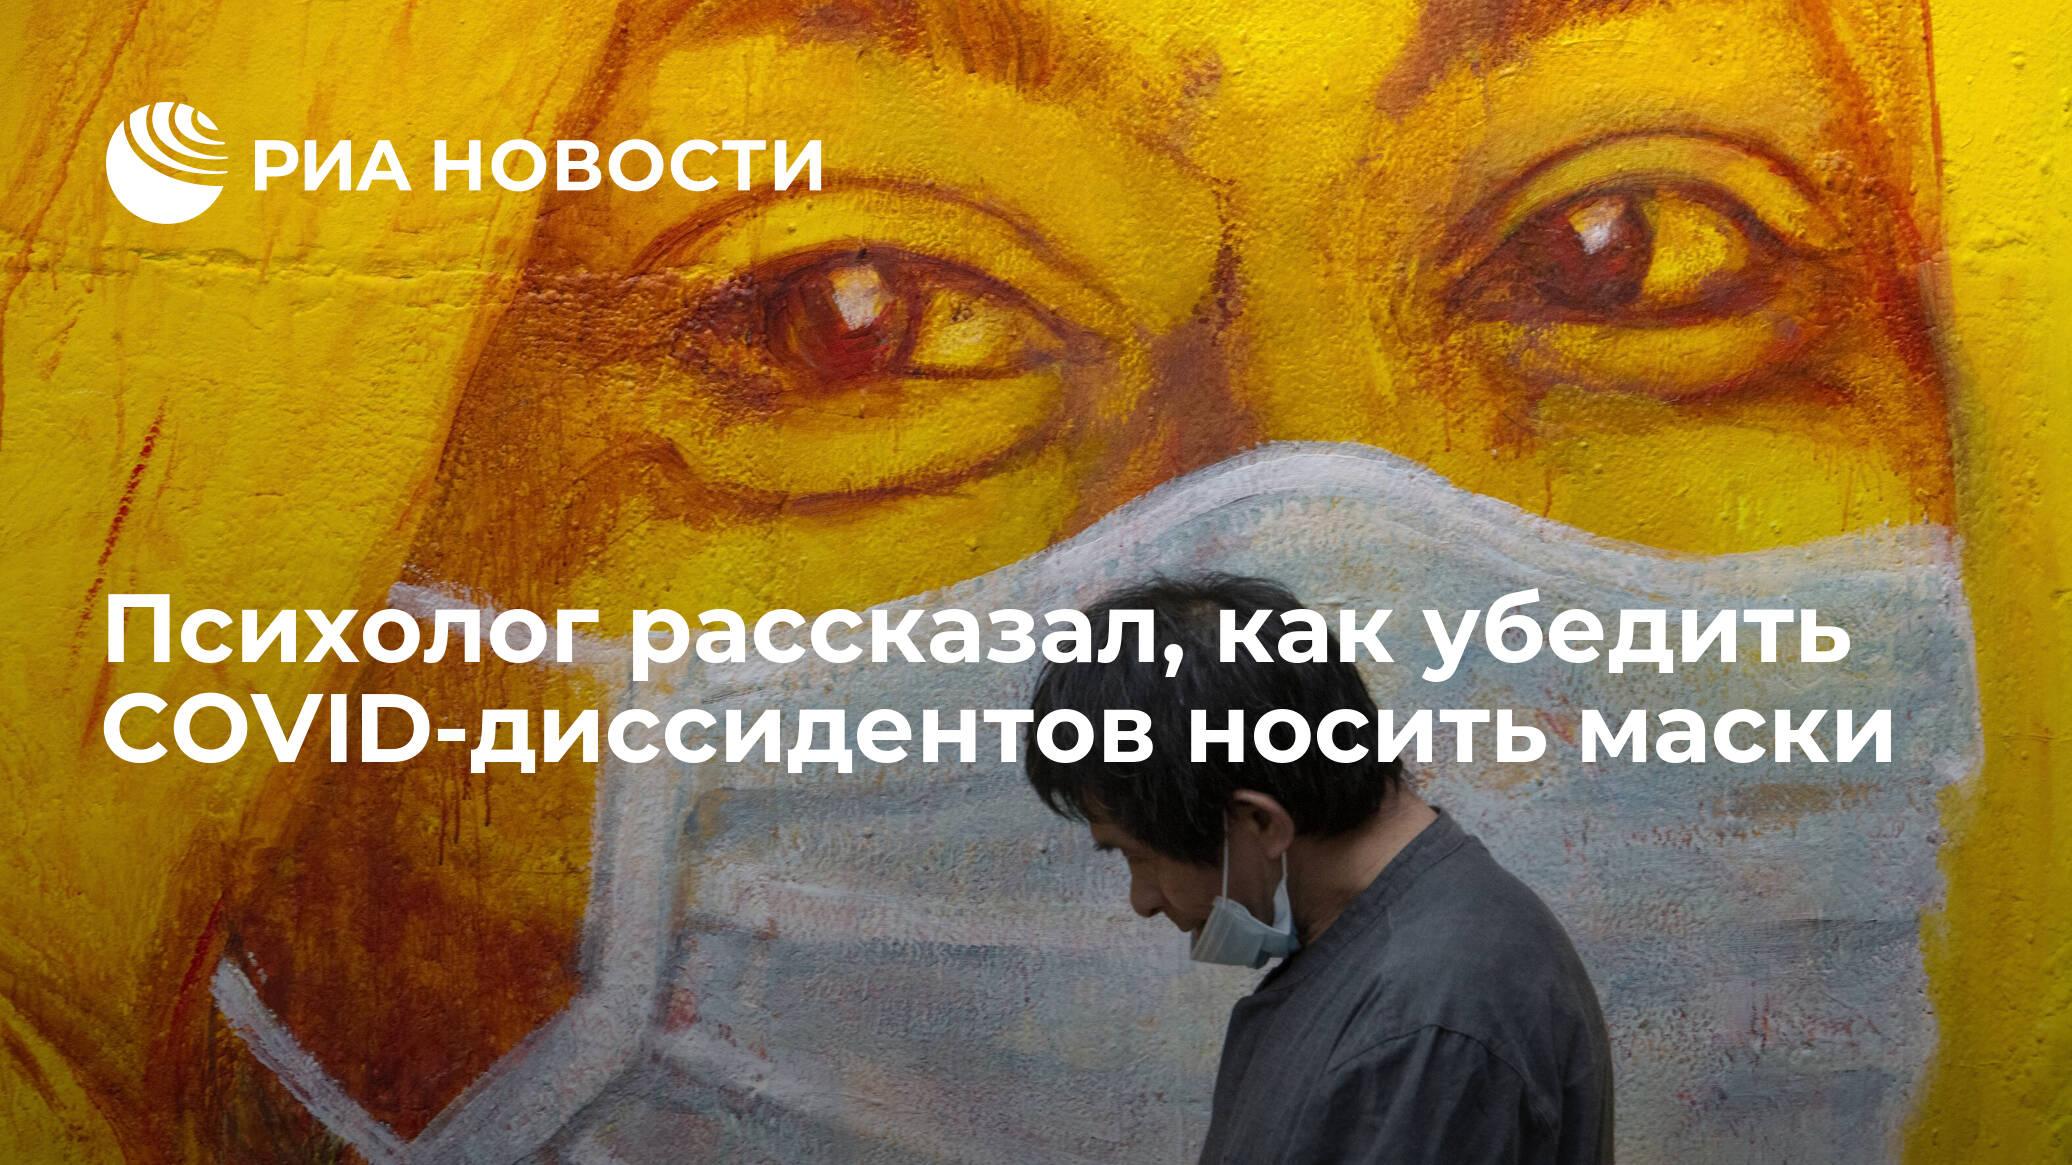 Психолог рассказал, как убедить COVID-диссидентов носить маски